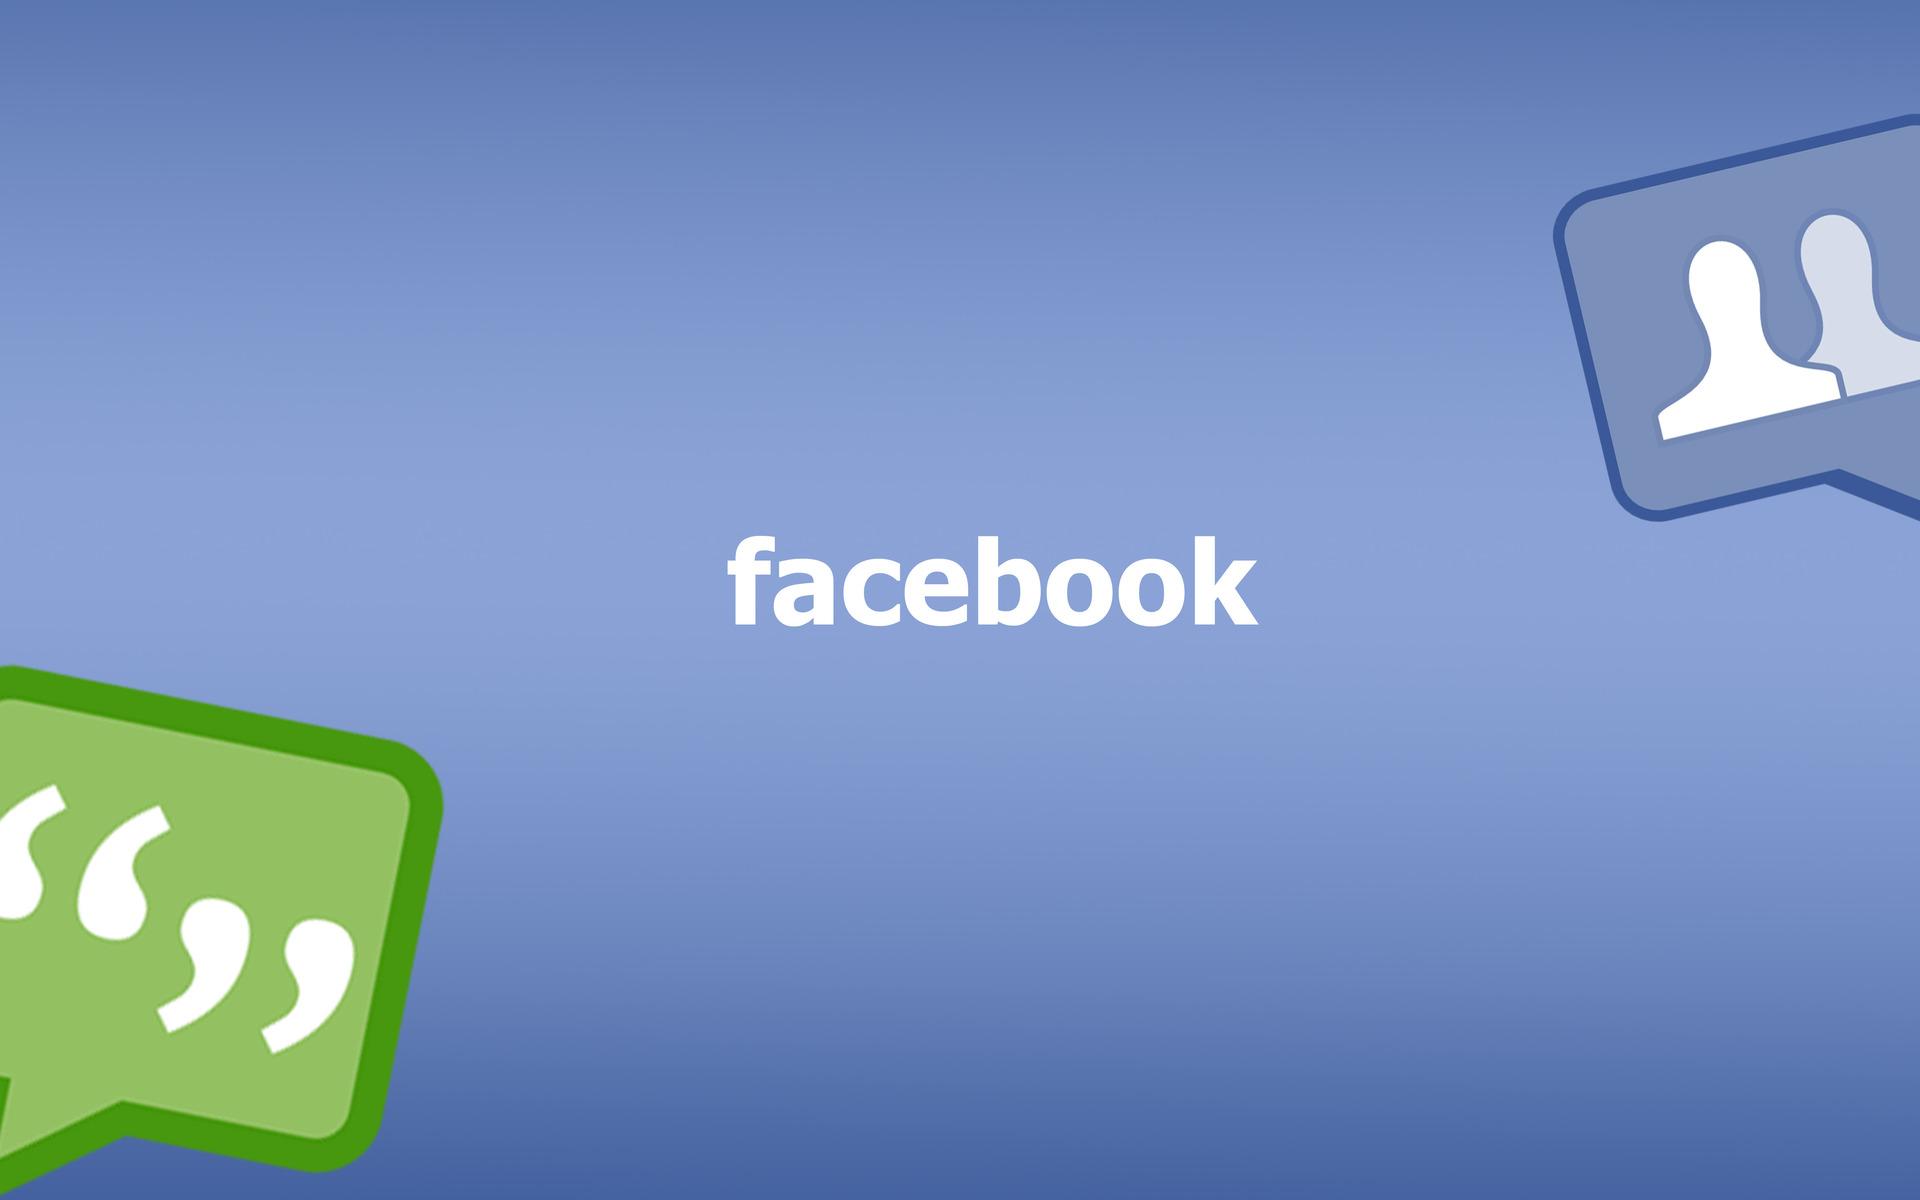 קבוצות הפייסבוק הישראליות הגדולות ביותר ברשת החברתית